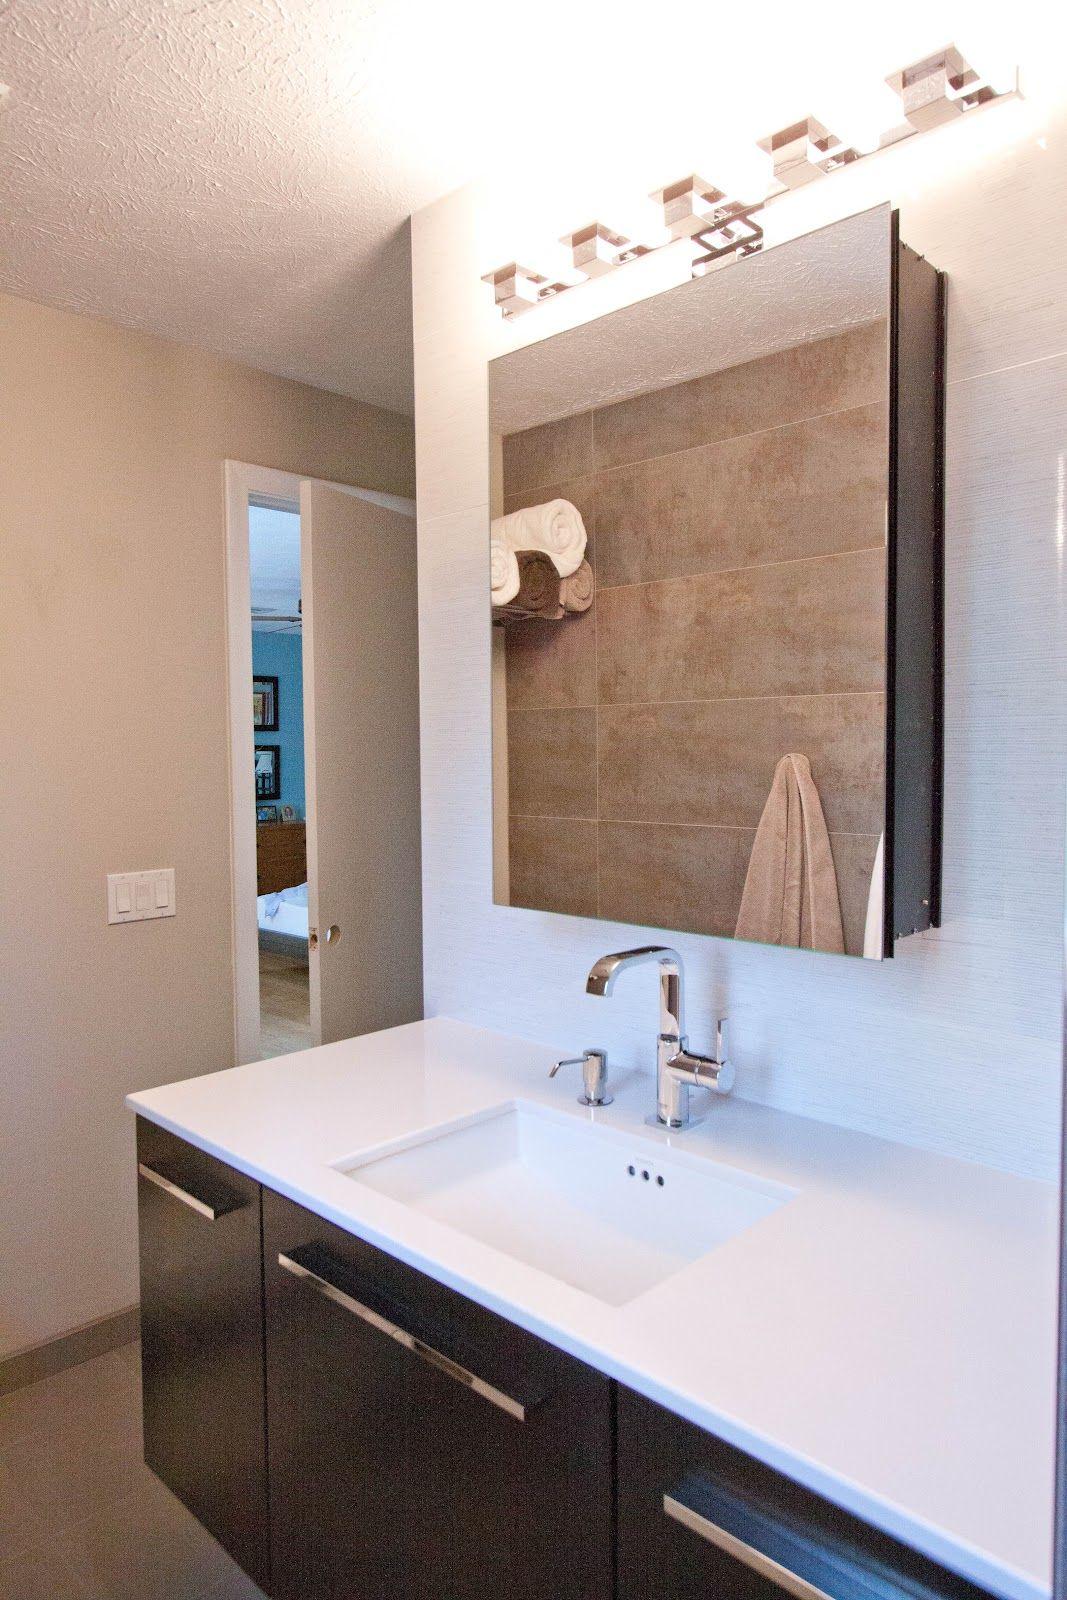 Image Result For Light Bar Over Sink Bathroom Ceiling Light